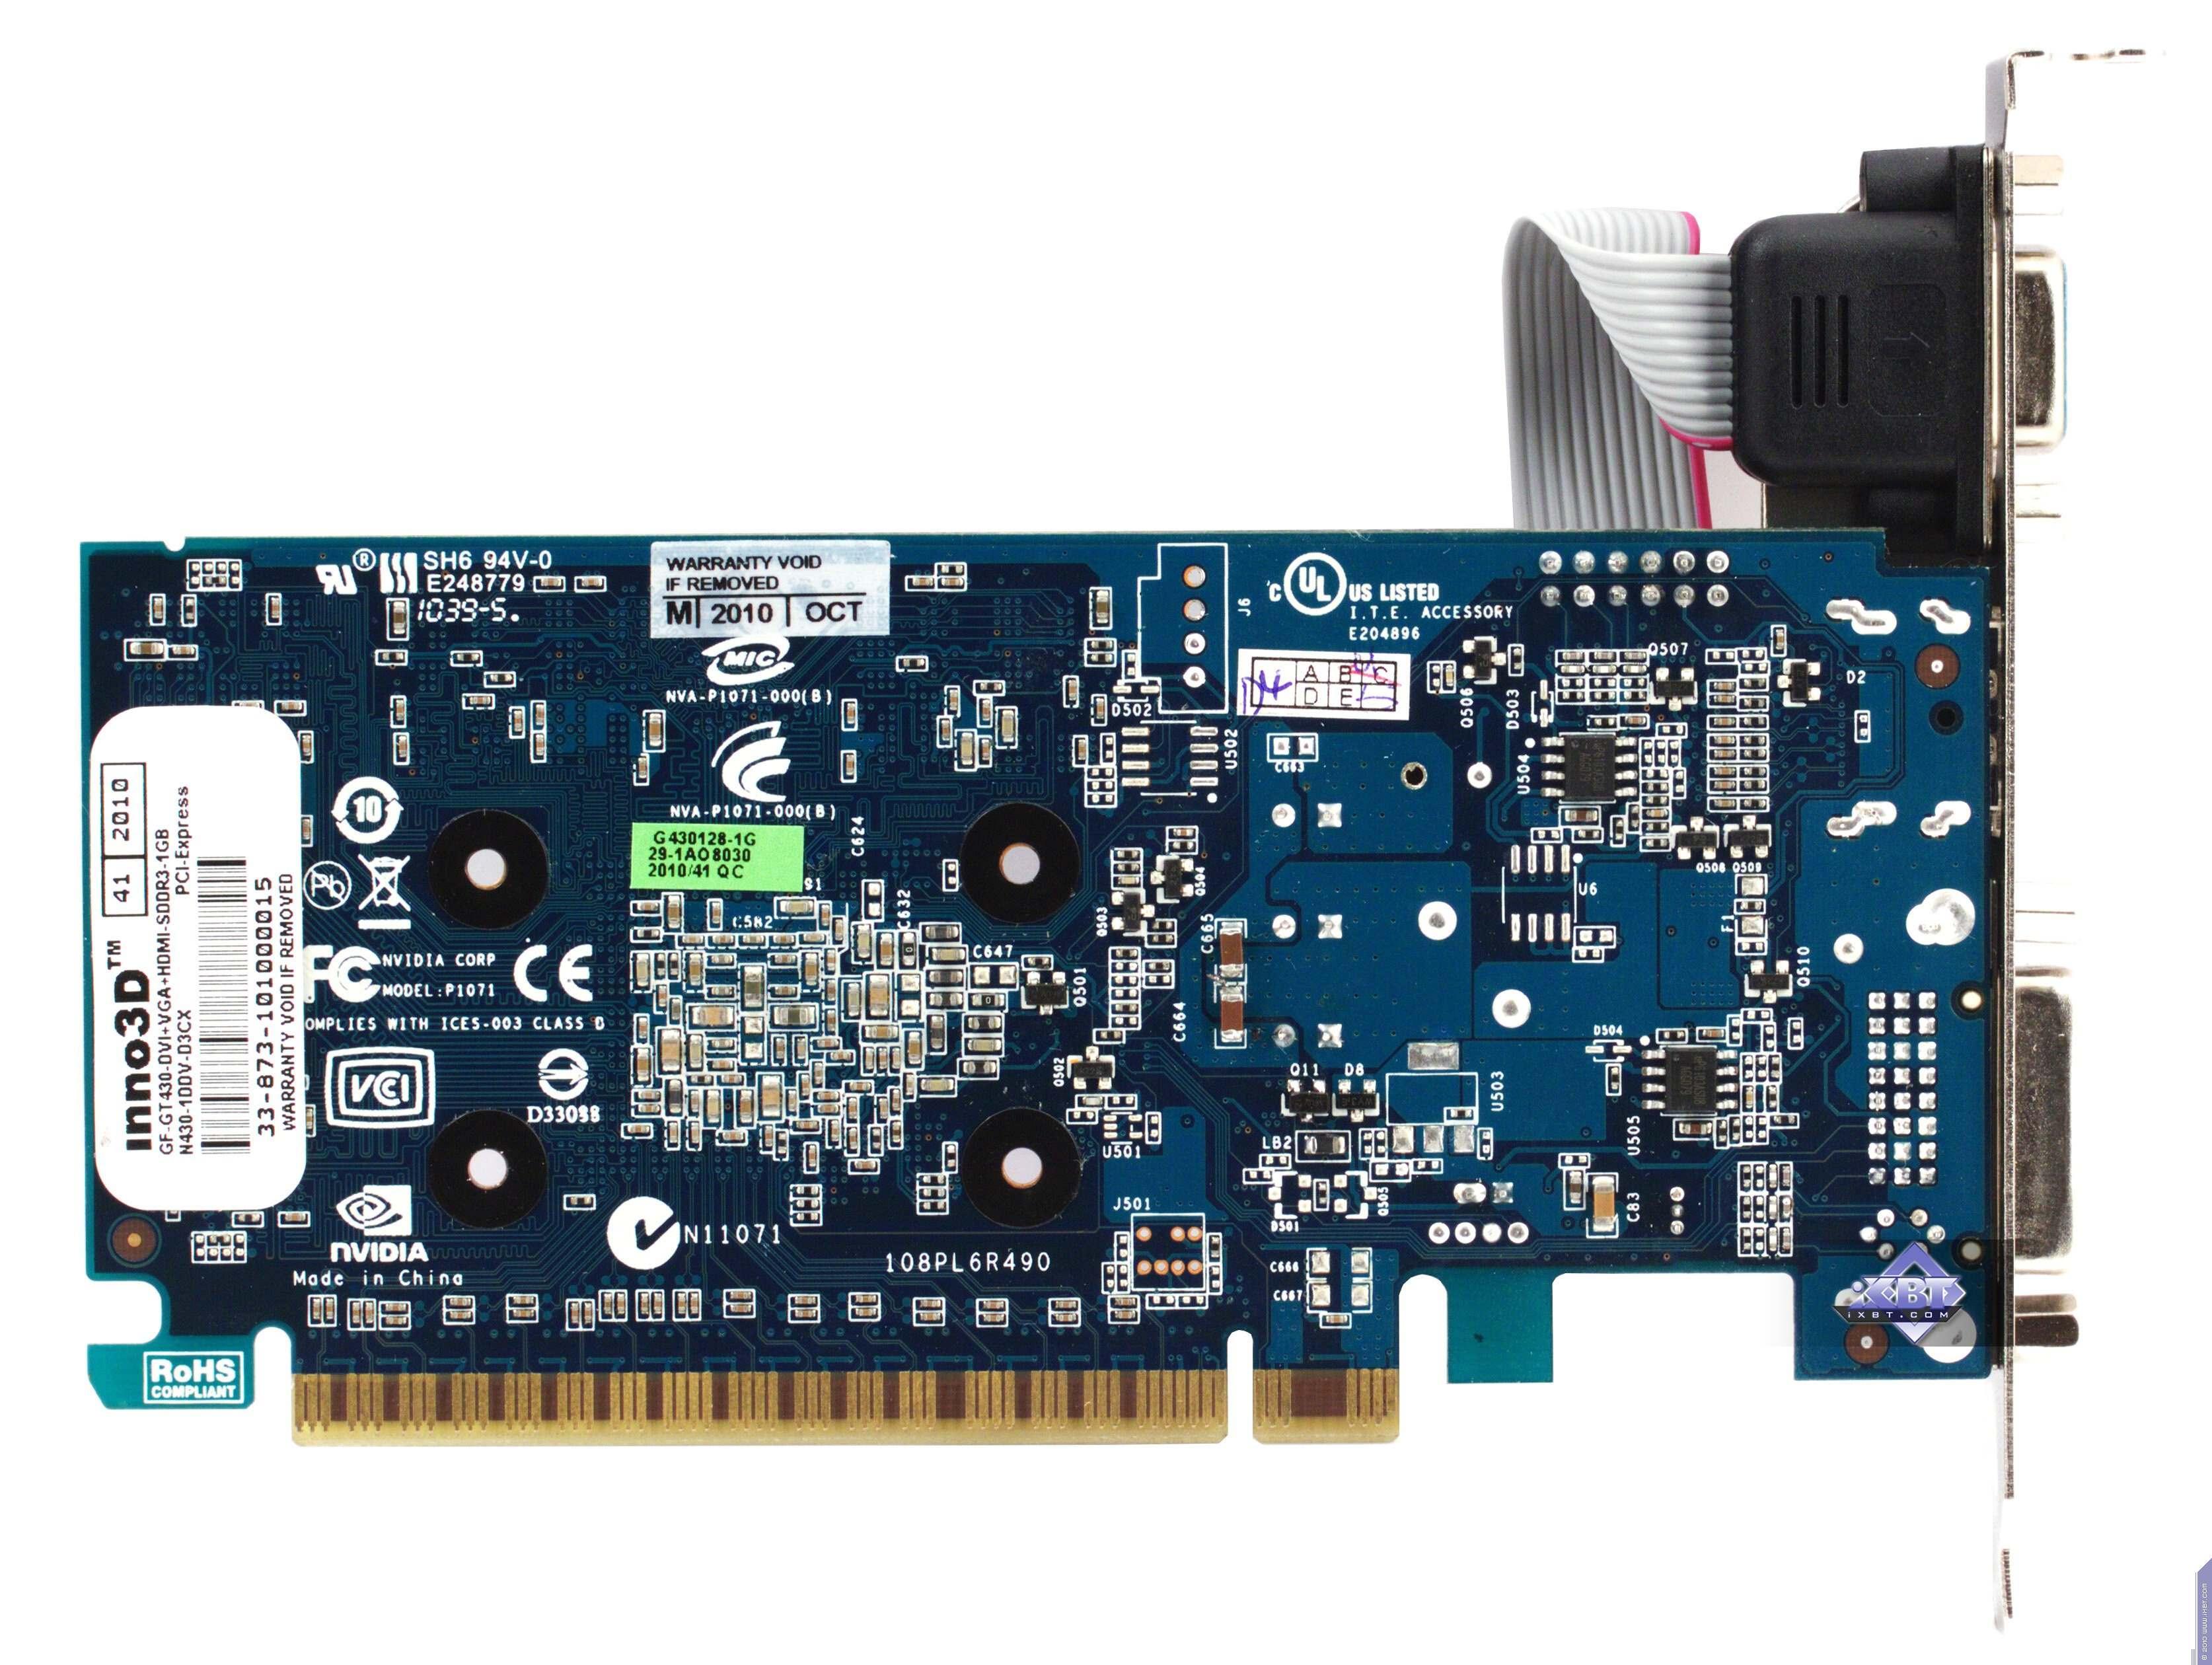 nvidia geforce gt 430 скачать драйвер последняя версия